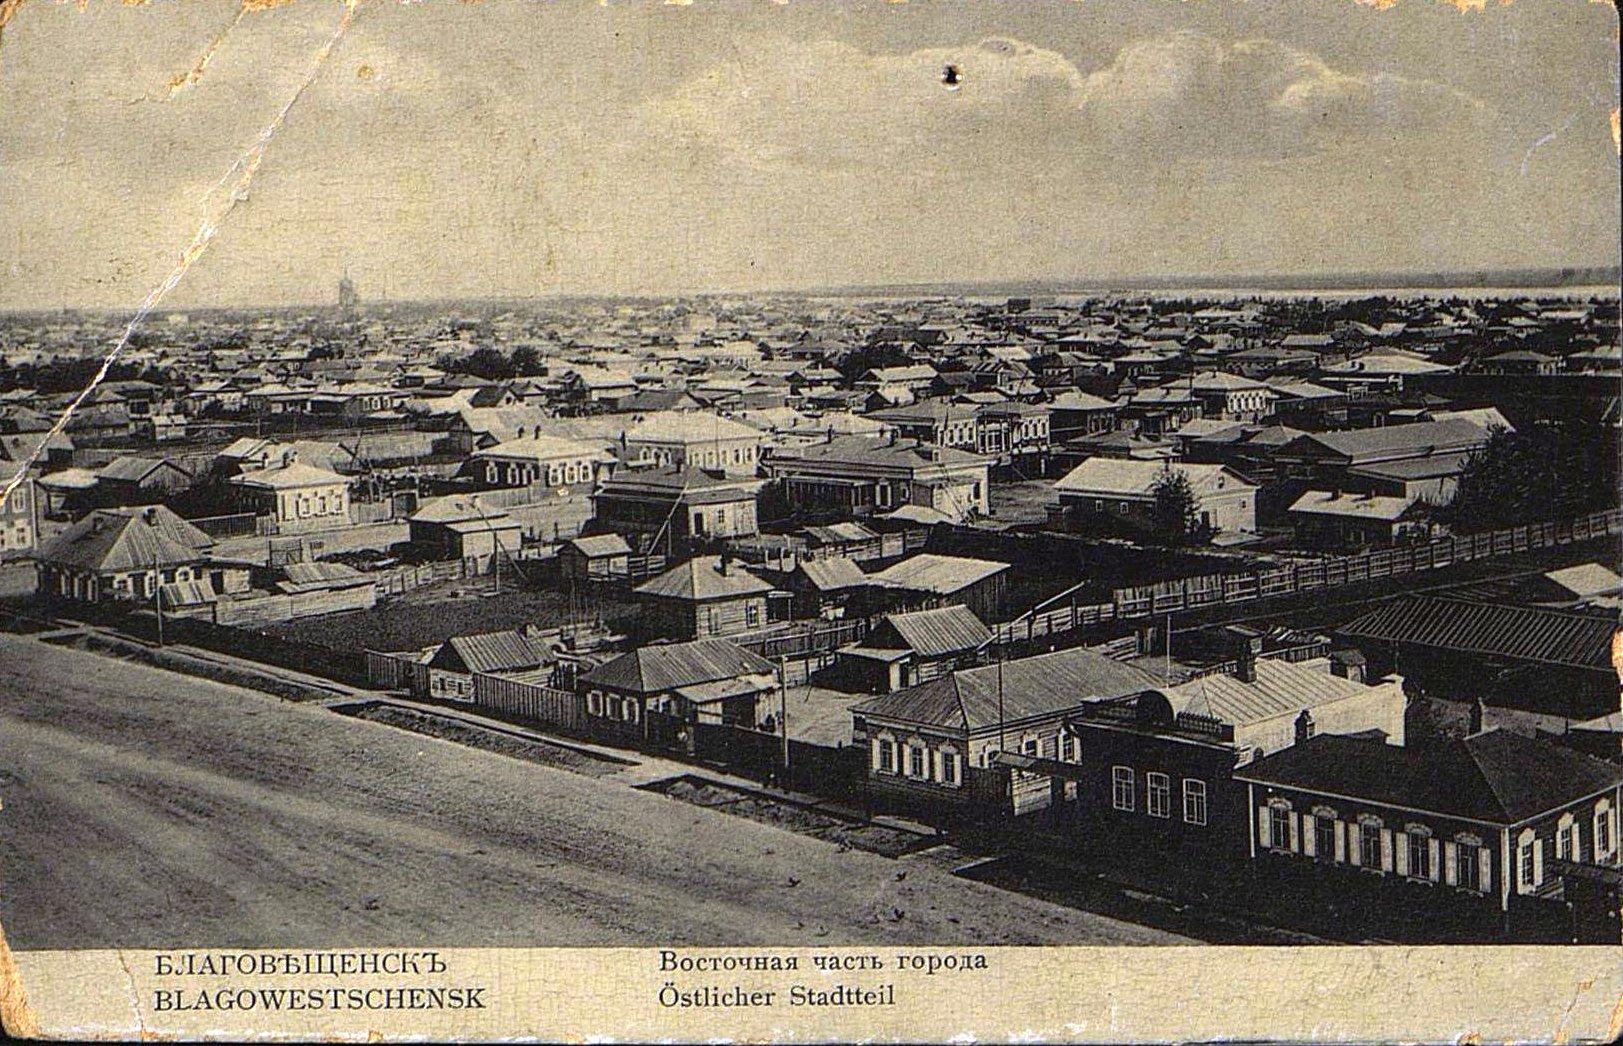 Восточная часть города Благовещенска